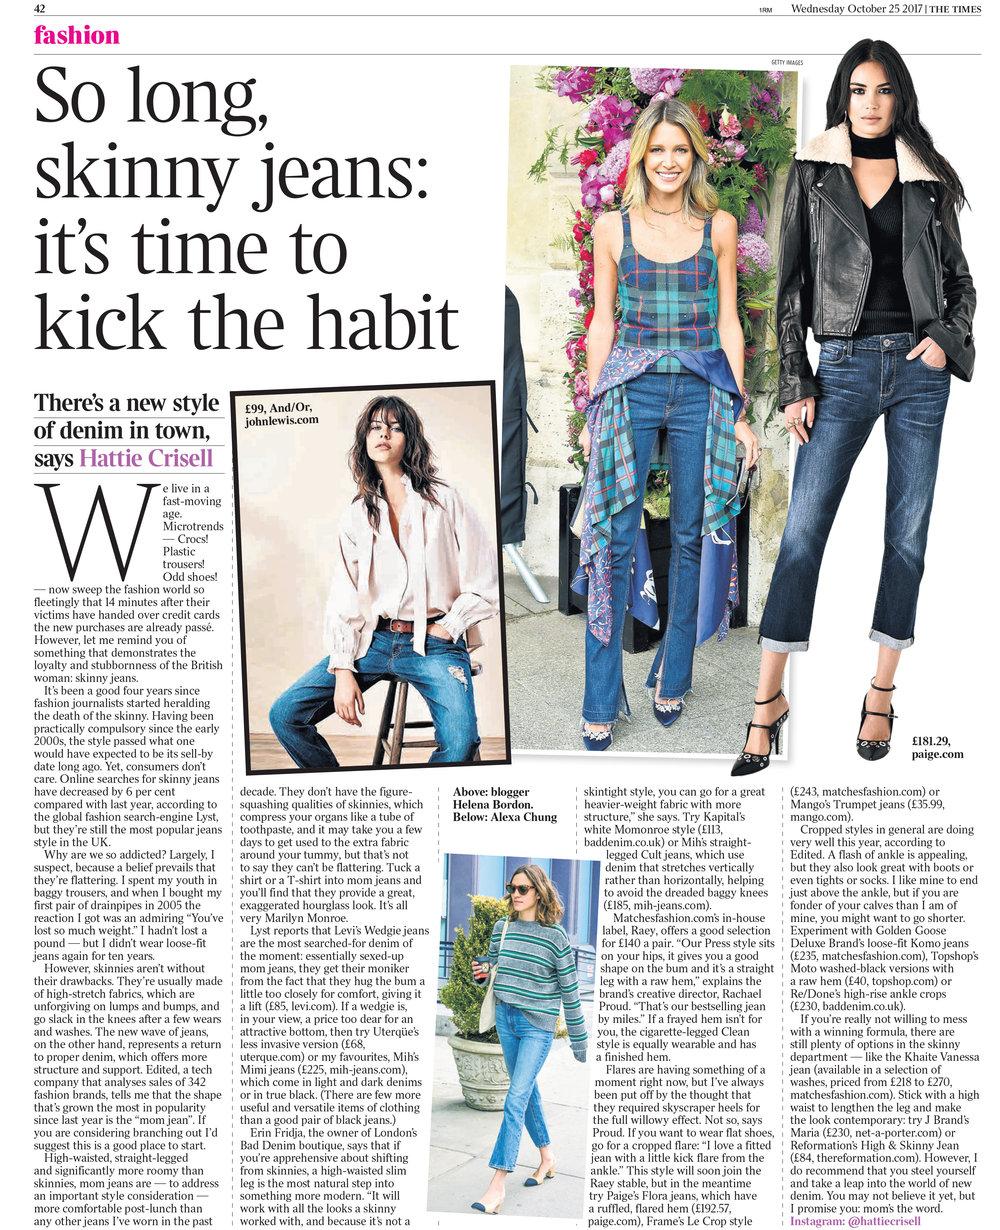 skinny-jeans-by-Hattie-Crisell.jpg